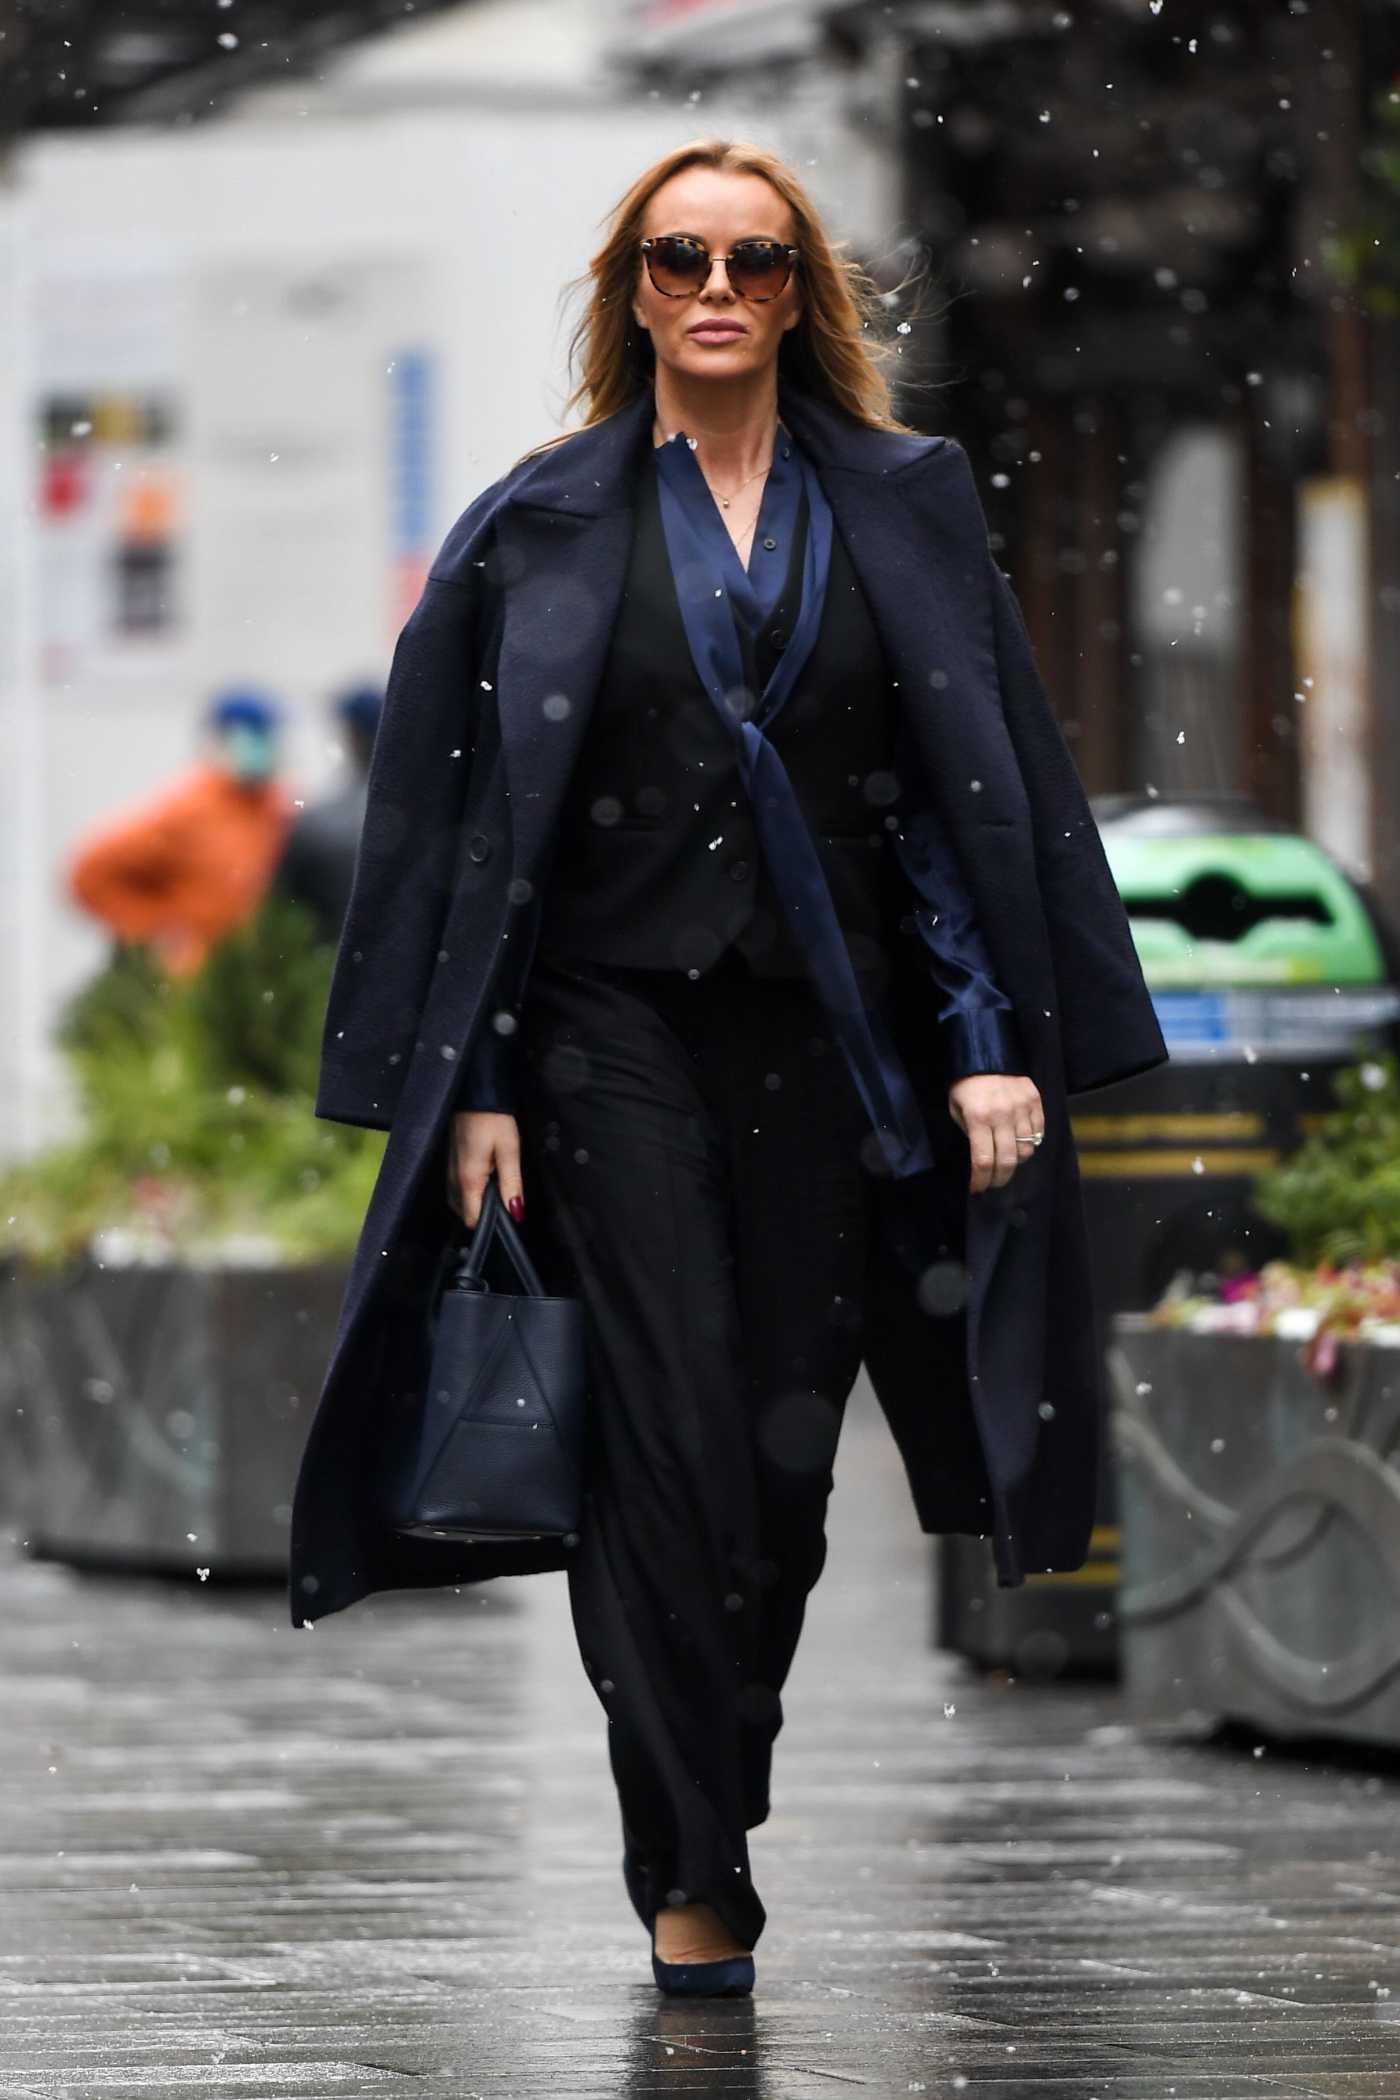 Amanda Holden in a Black Pantsuit Leaves the Global Radio Studios in London 02/09/2021